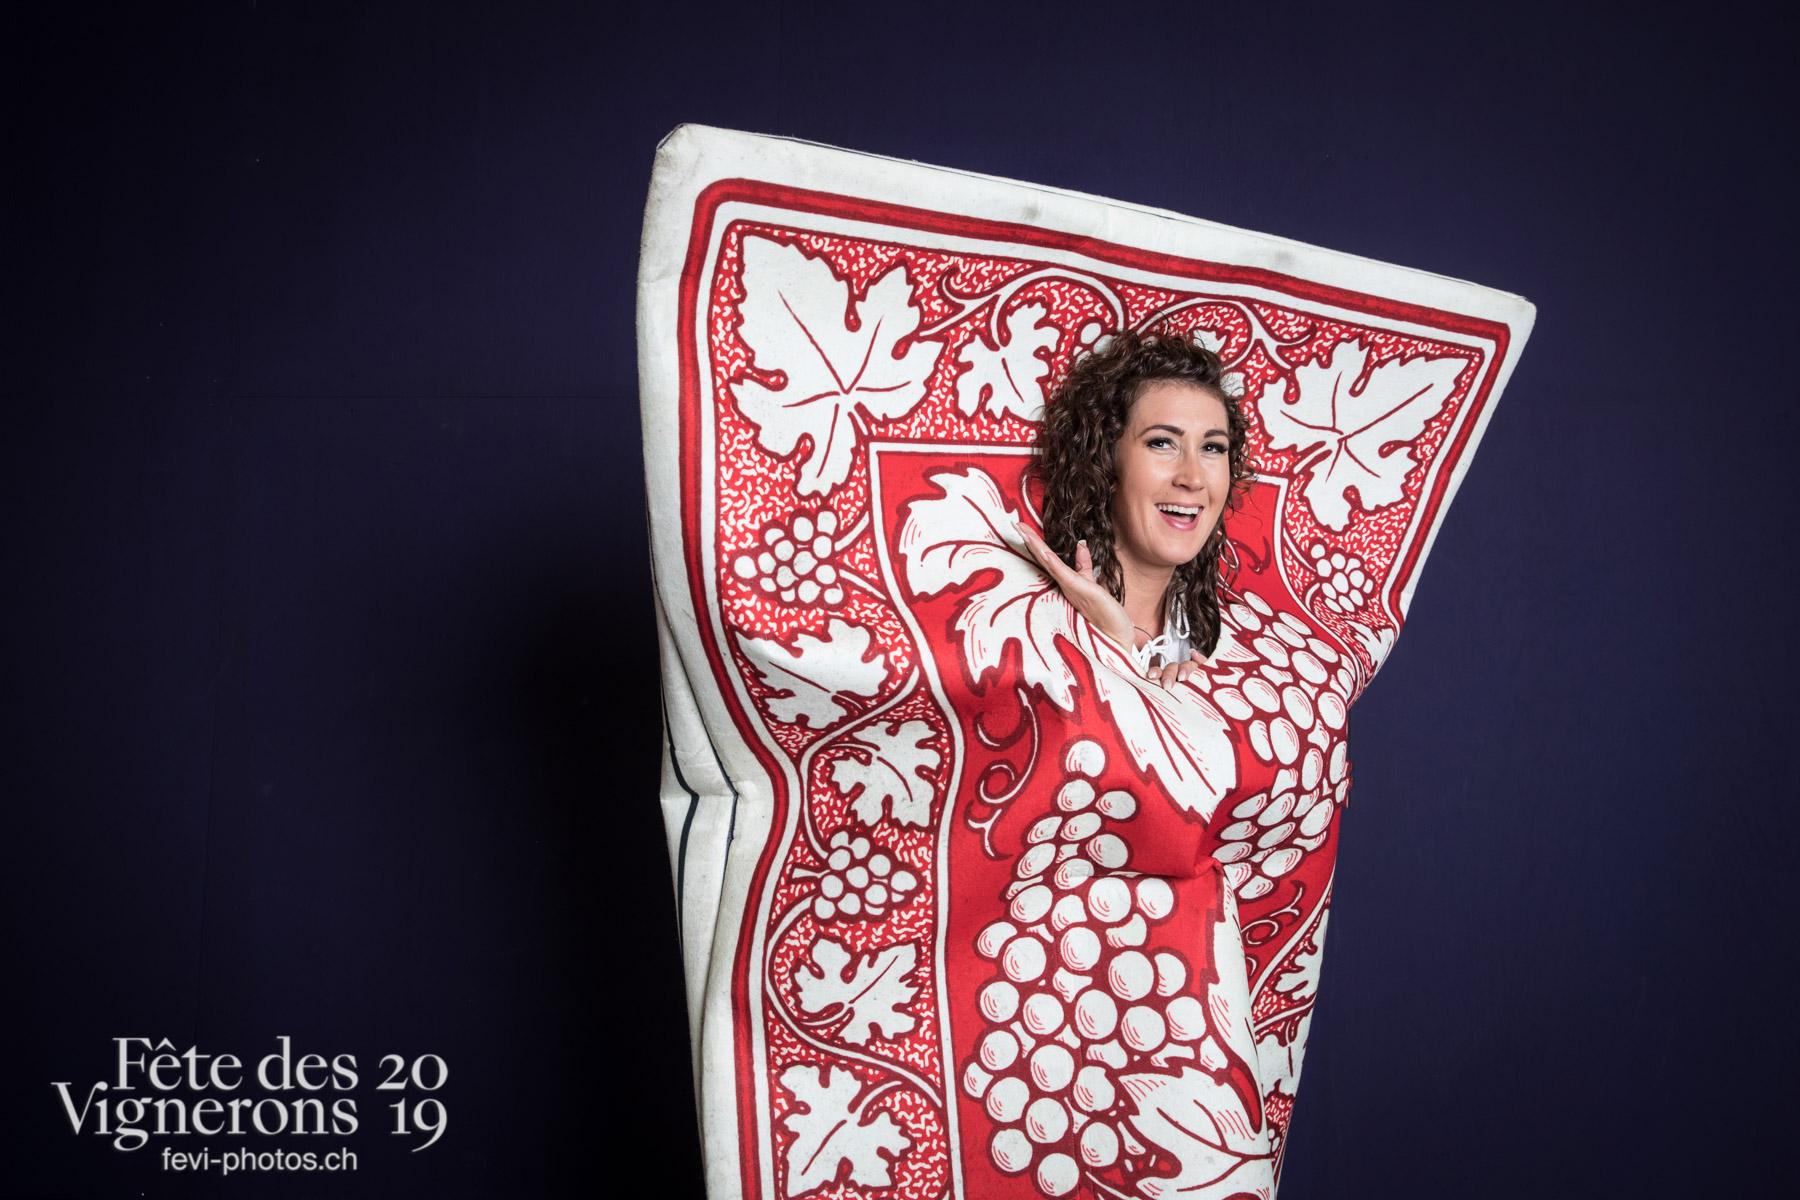 Studio - Studio, cartes, couleurs. Photographes de la Fête des Vignerons 2019